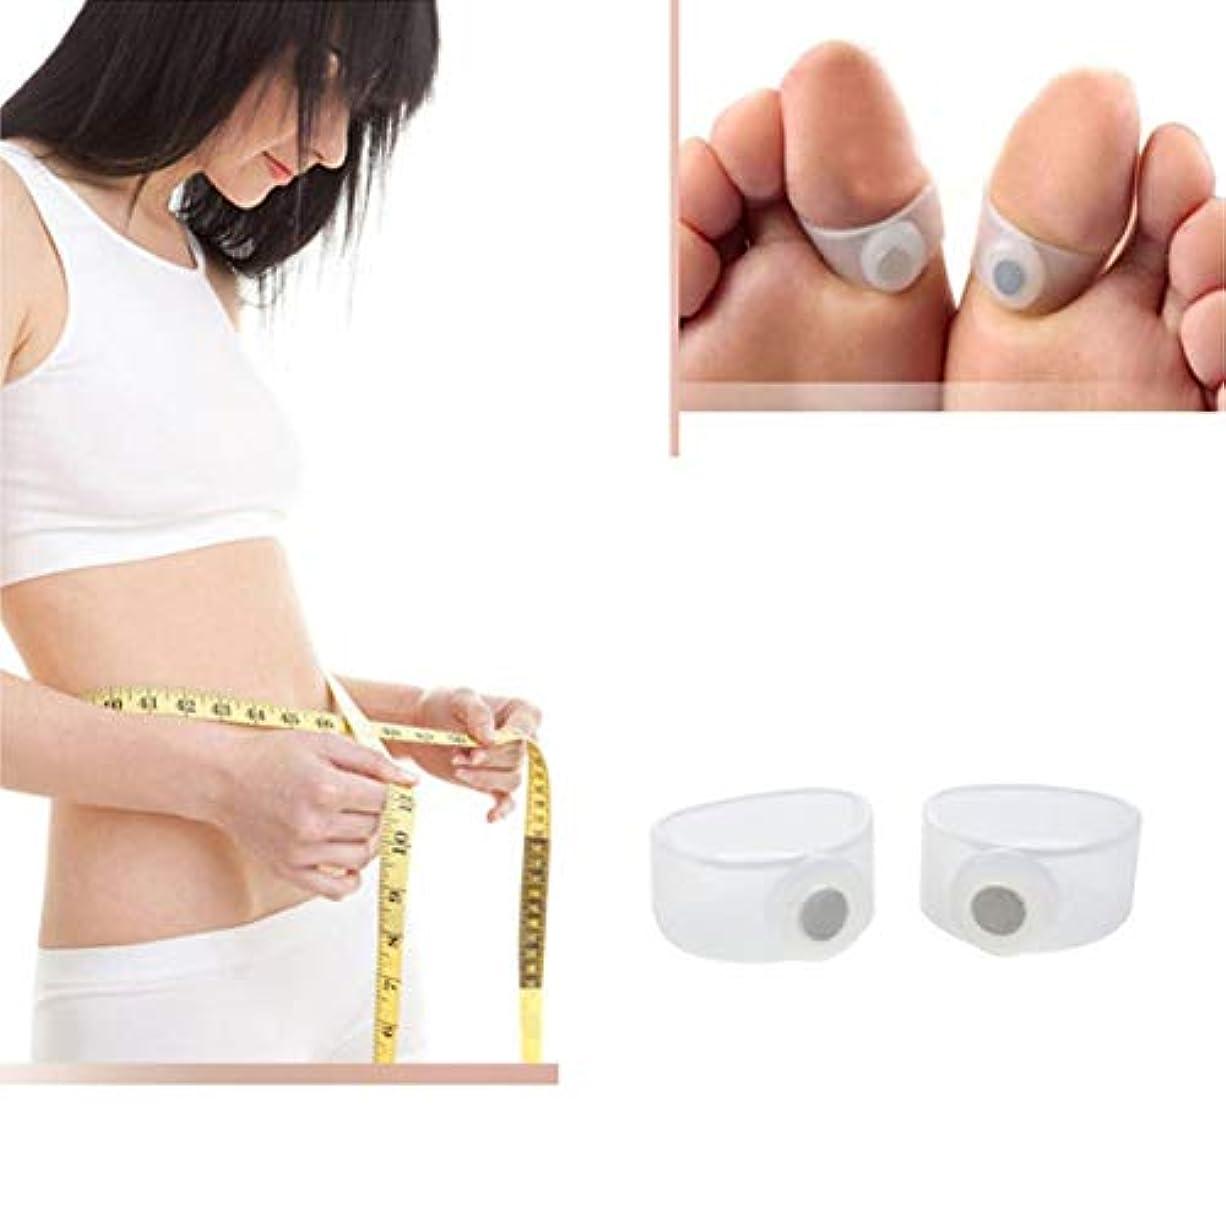 プーノキー先のことを考える2PCS Slimming Silicon Magnetic Foot Massager Massge Relax Toe Ring for Weight Loss Health Care Tools Beauty Products